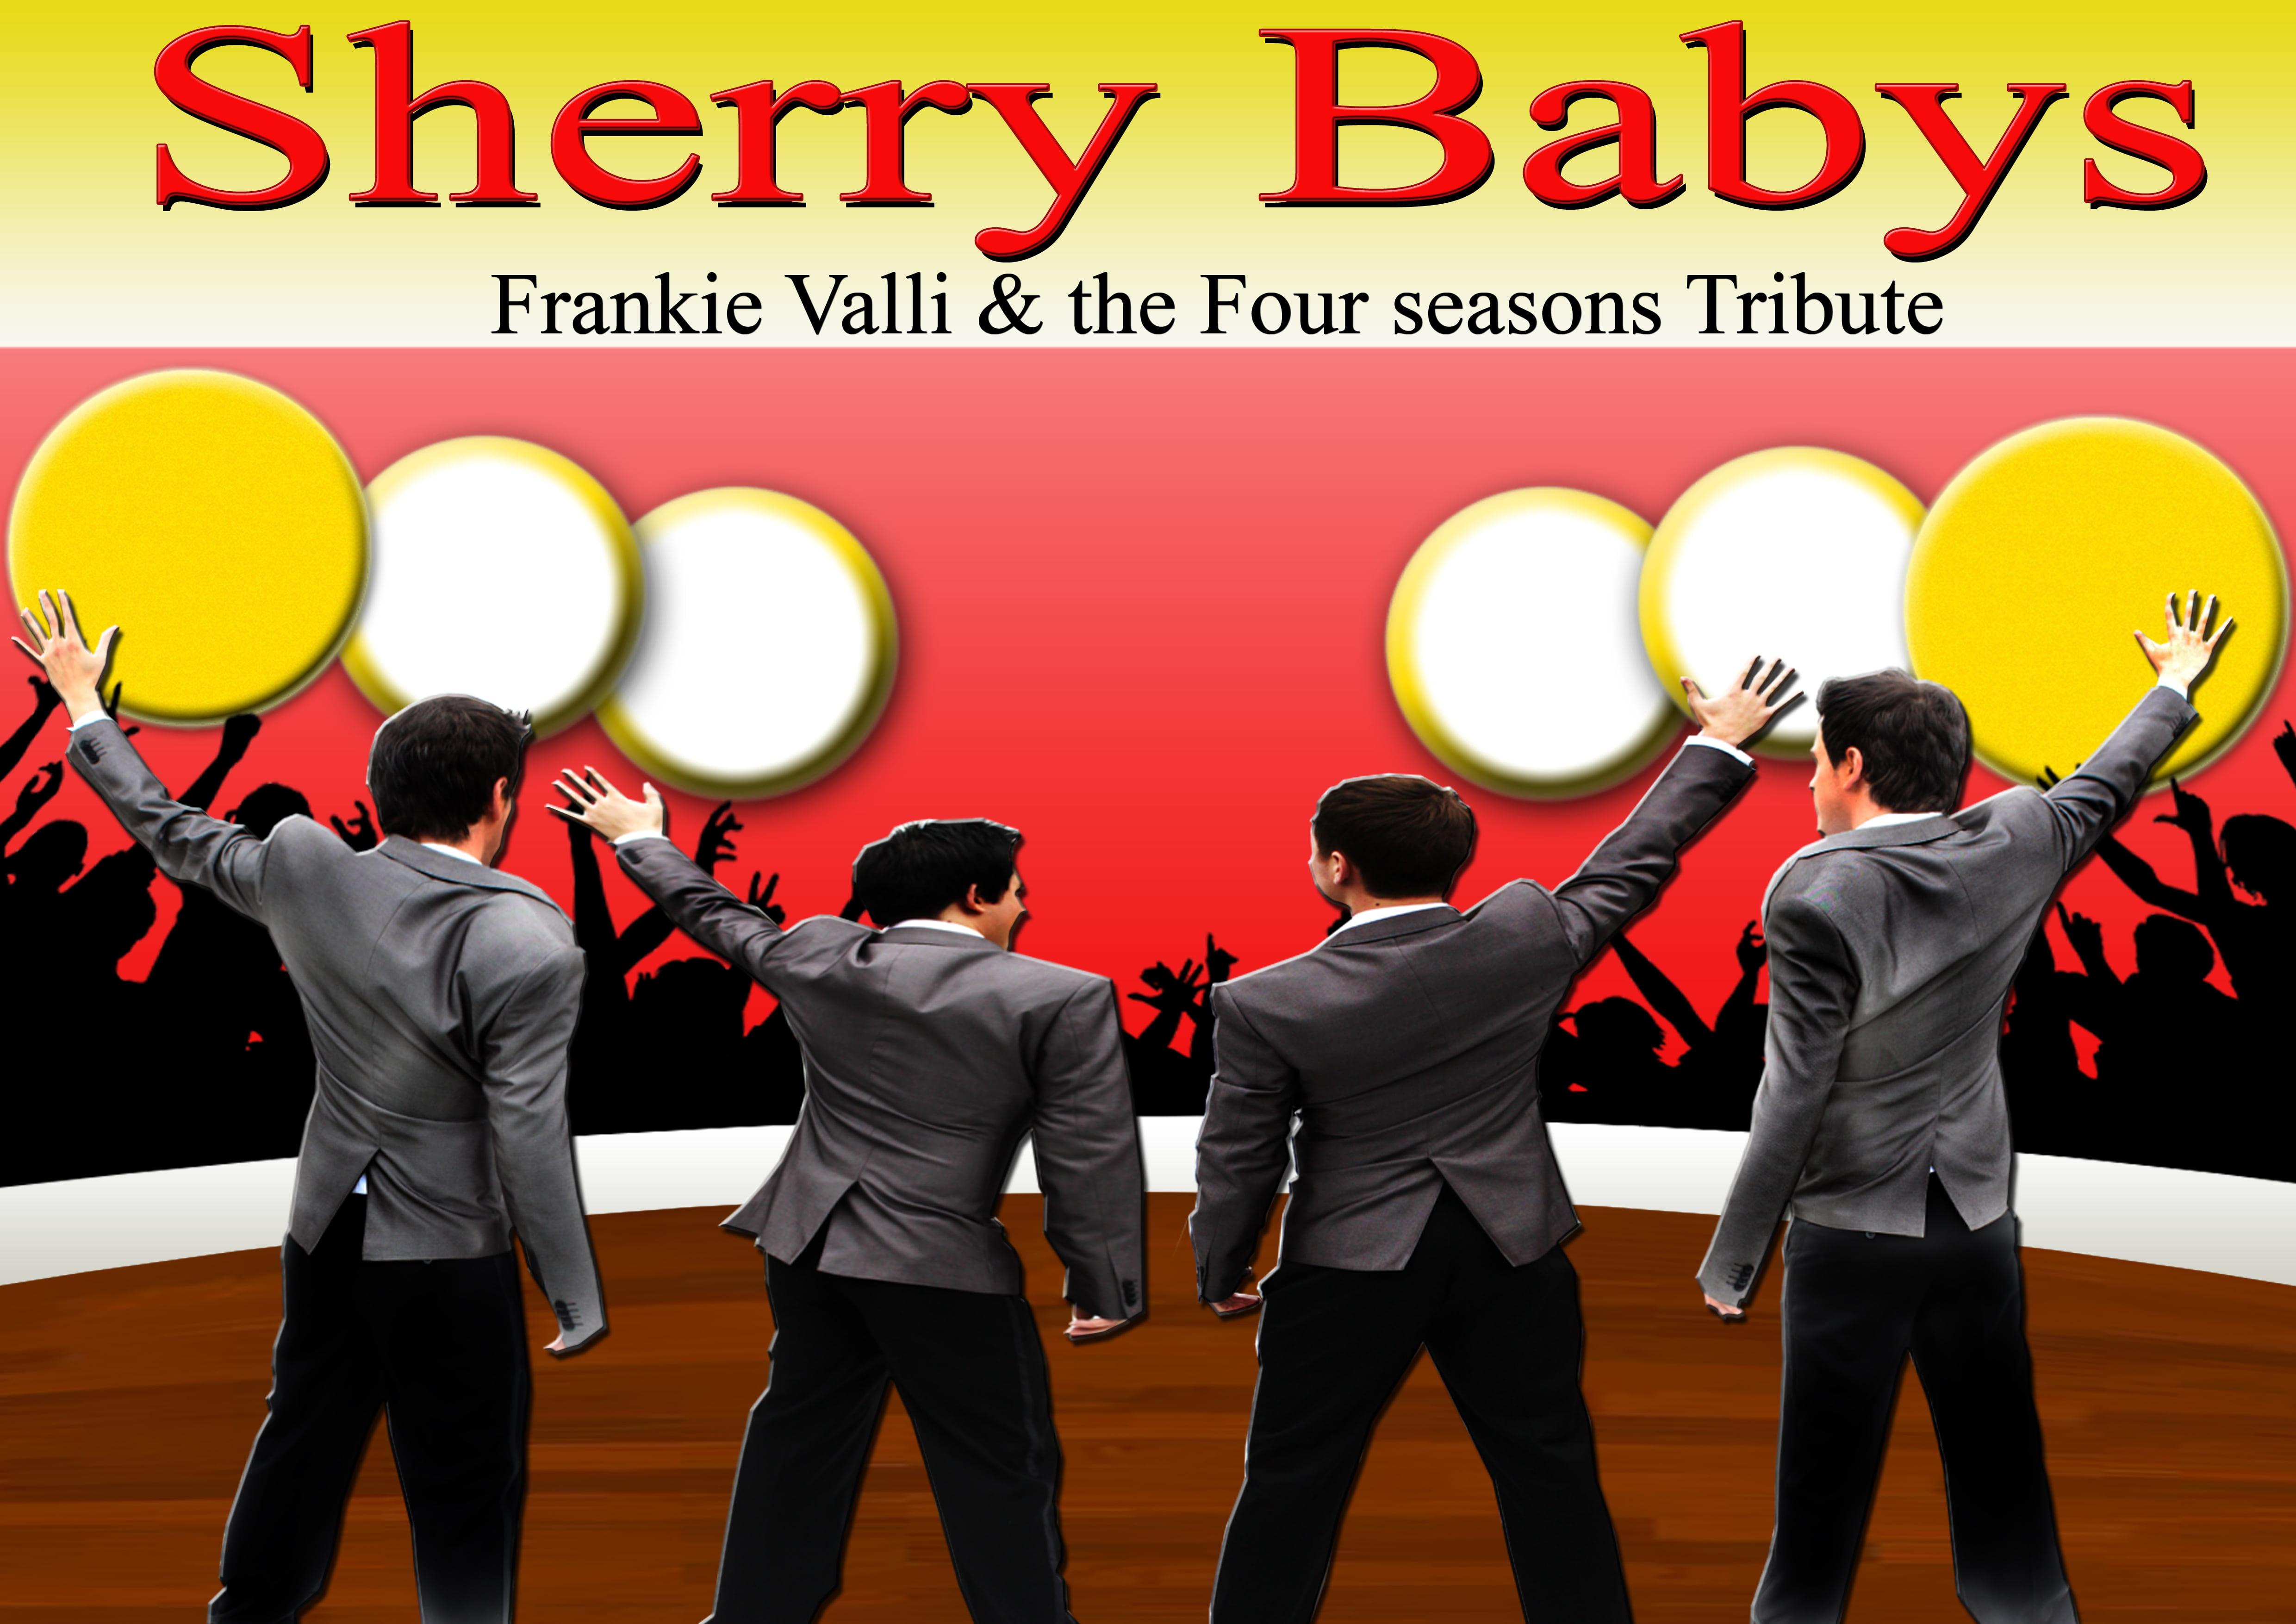 Sherry Babys - Jersey Boys Tribute